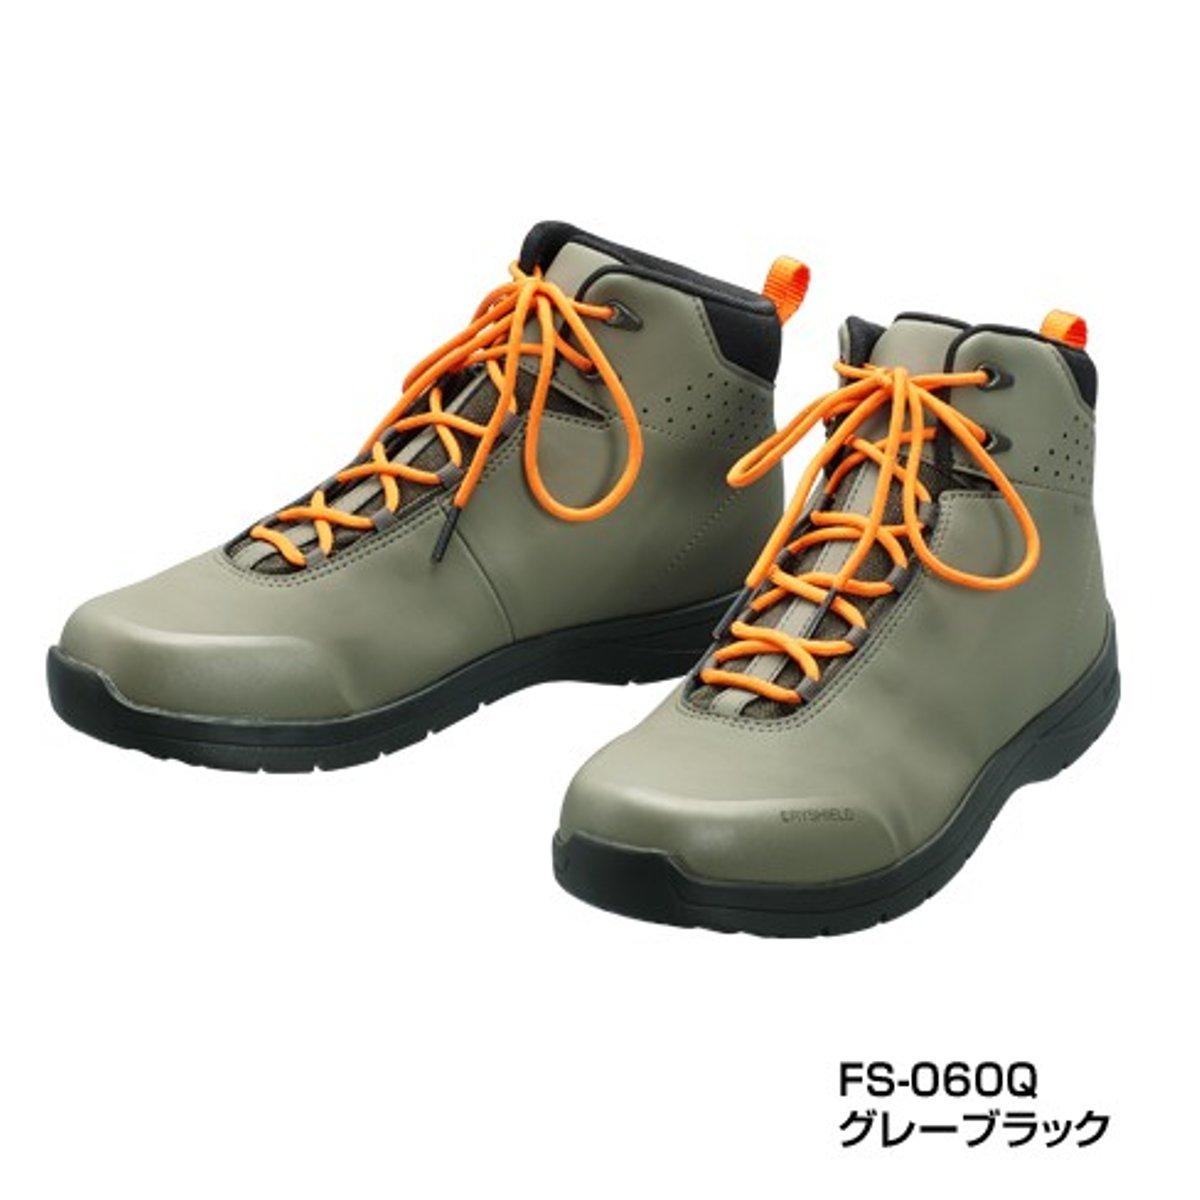 シマノ ドライシールド・ラジアルスパイクシューズ(ハイカットタイプ) FS-060Q 25.5cm グレーブラック(東日本店)